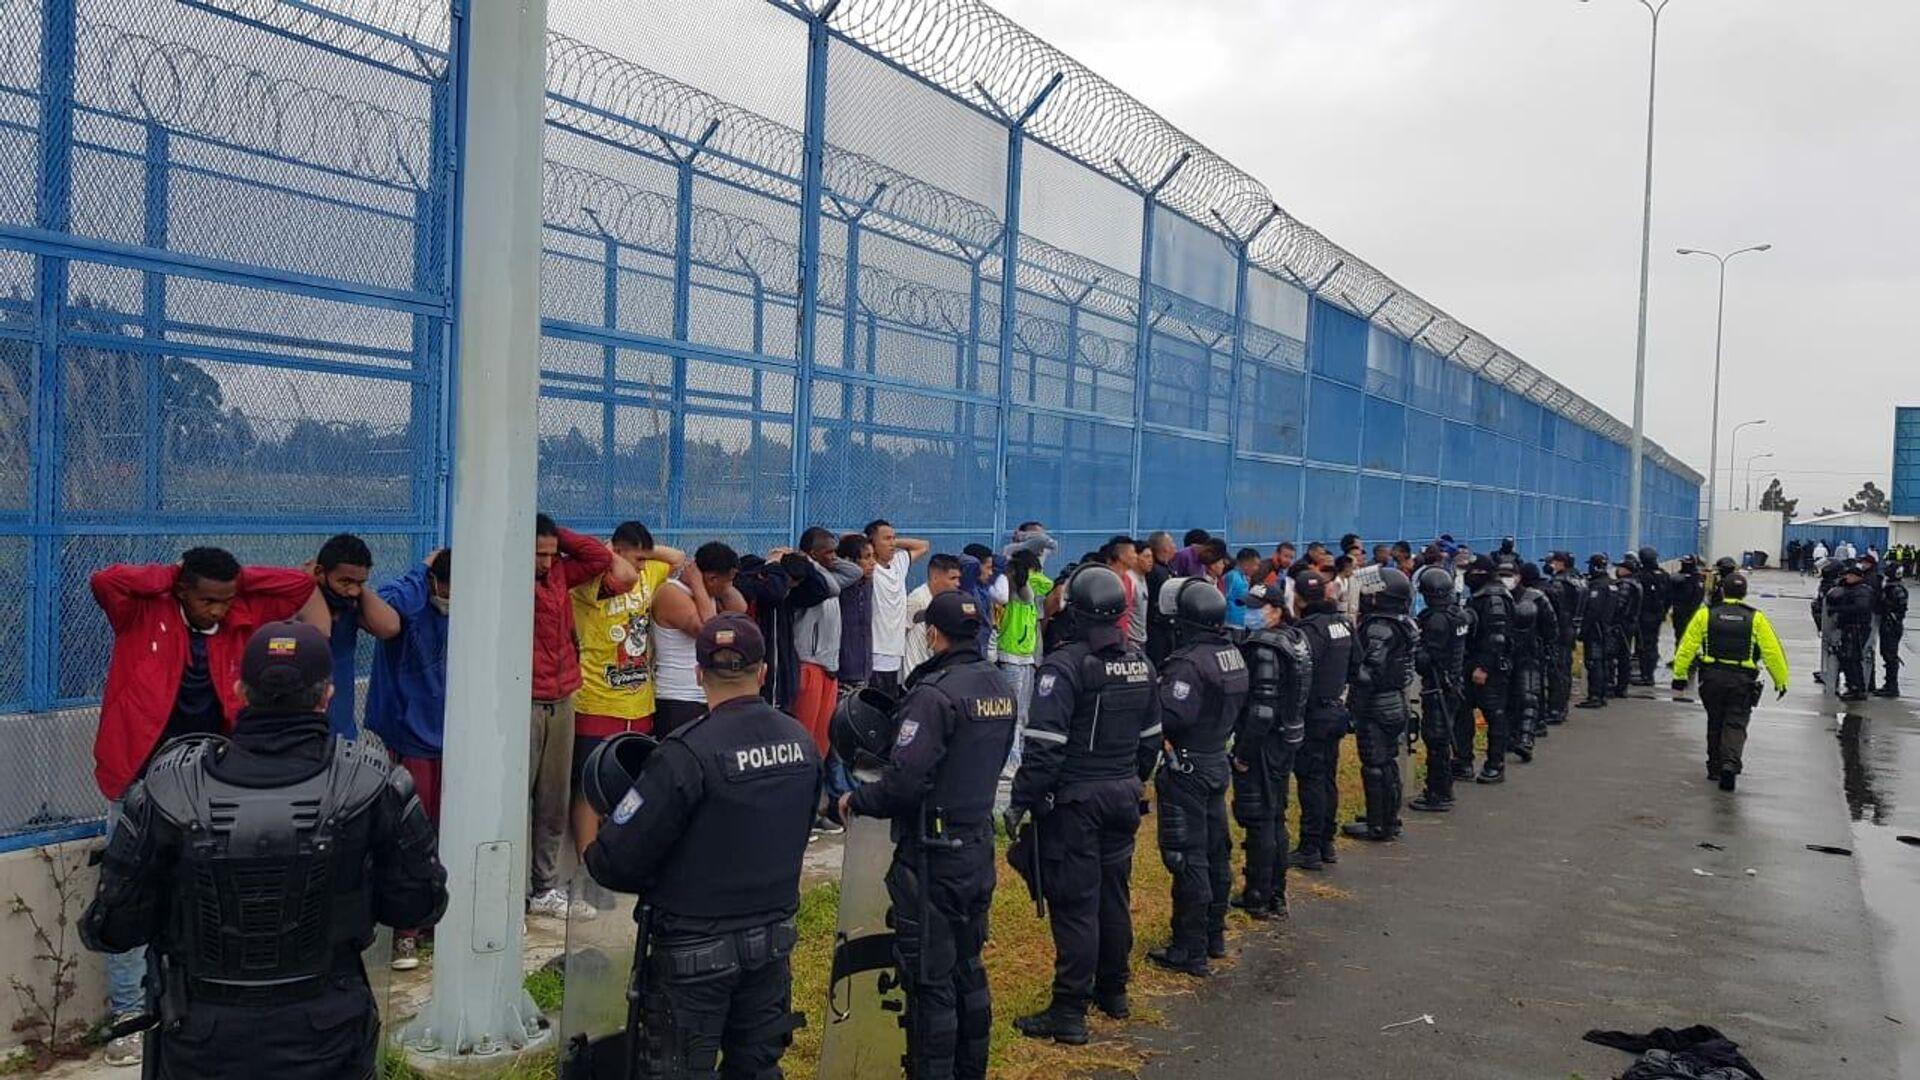 La Policía de Ecuador captura a reclusos que intentaban escapar  - Sputnik Mundo, 1920, 22.07.2021